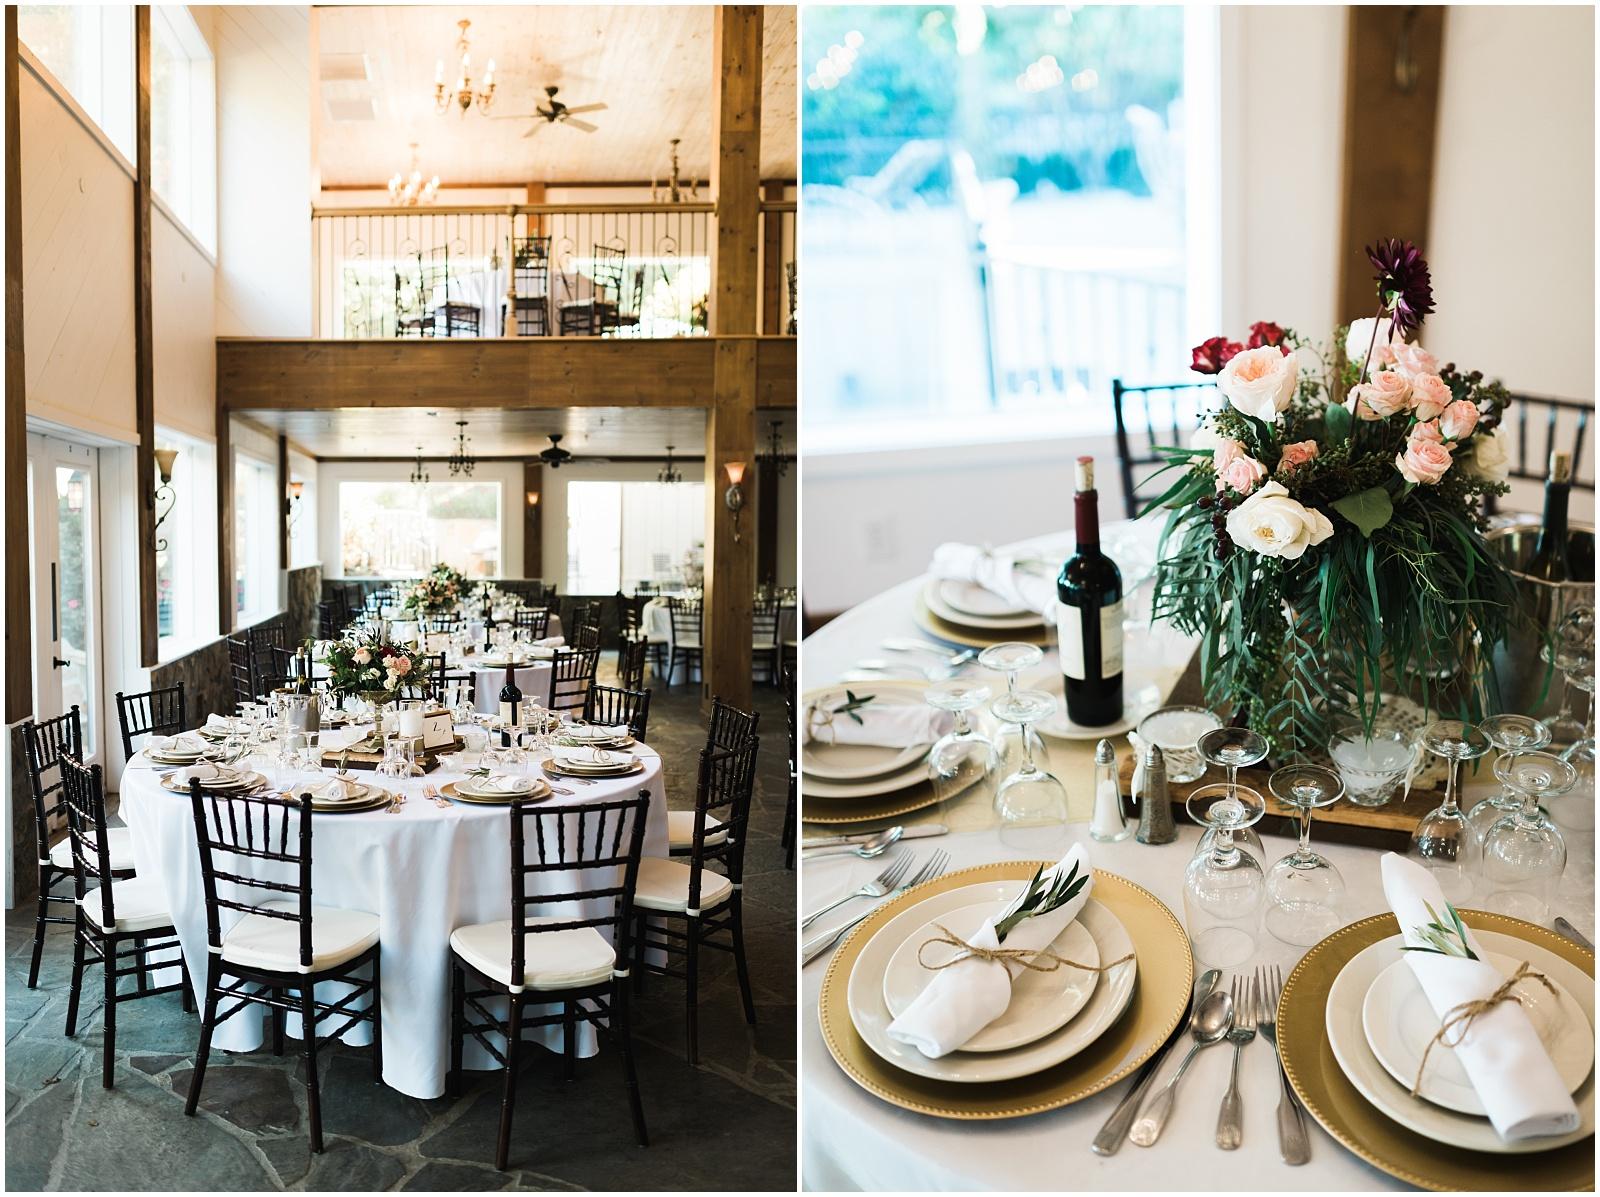 Table photos for wedding reception